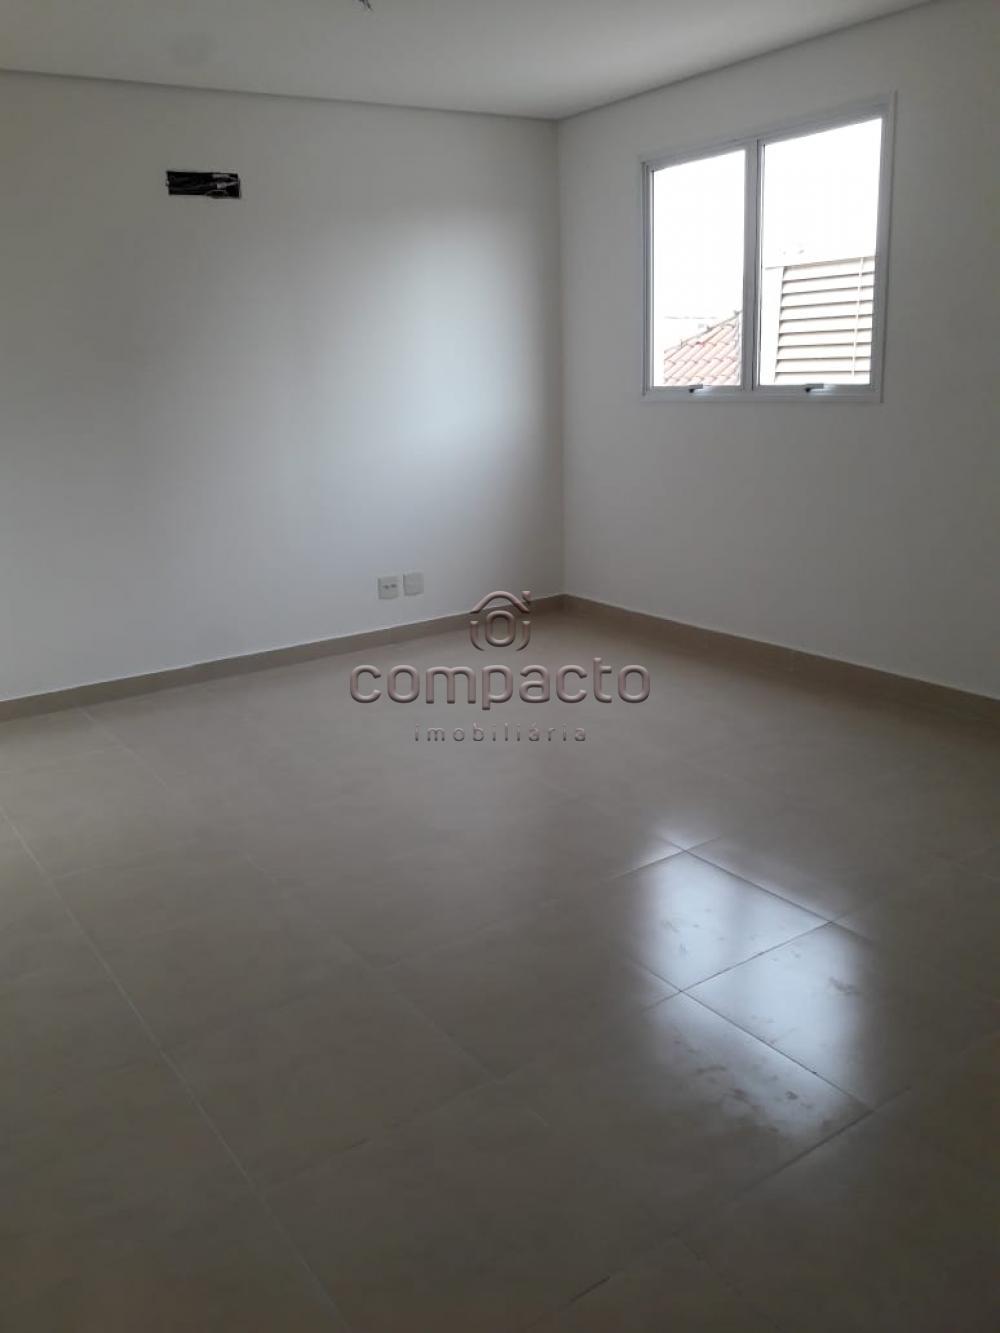 Alugar Comercial / Sala/Loja Condomínio em São José do Rio Preto apenas R$ 690,00 - Foto 2